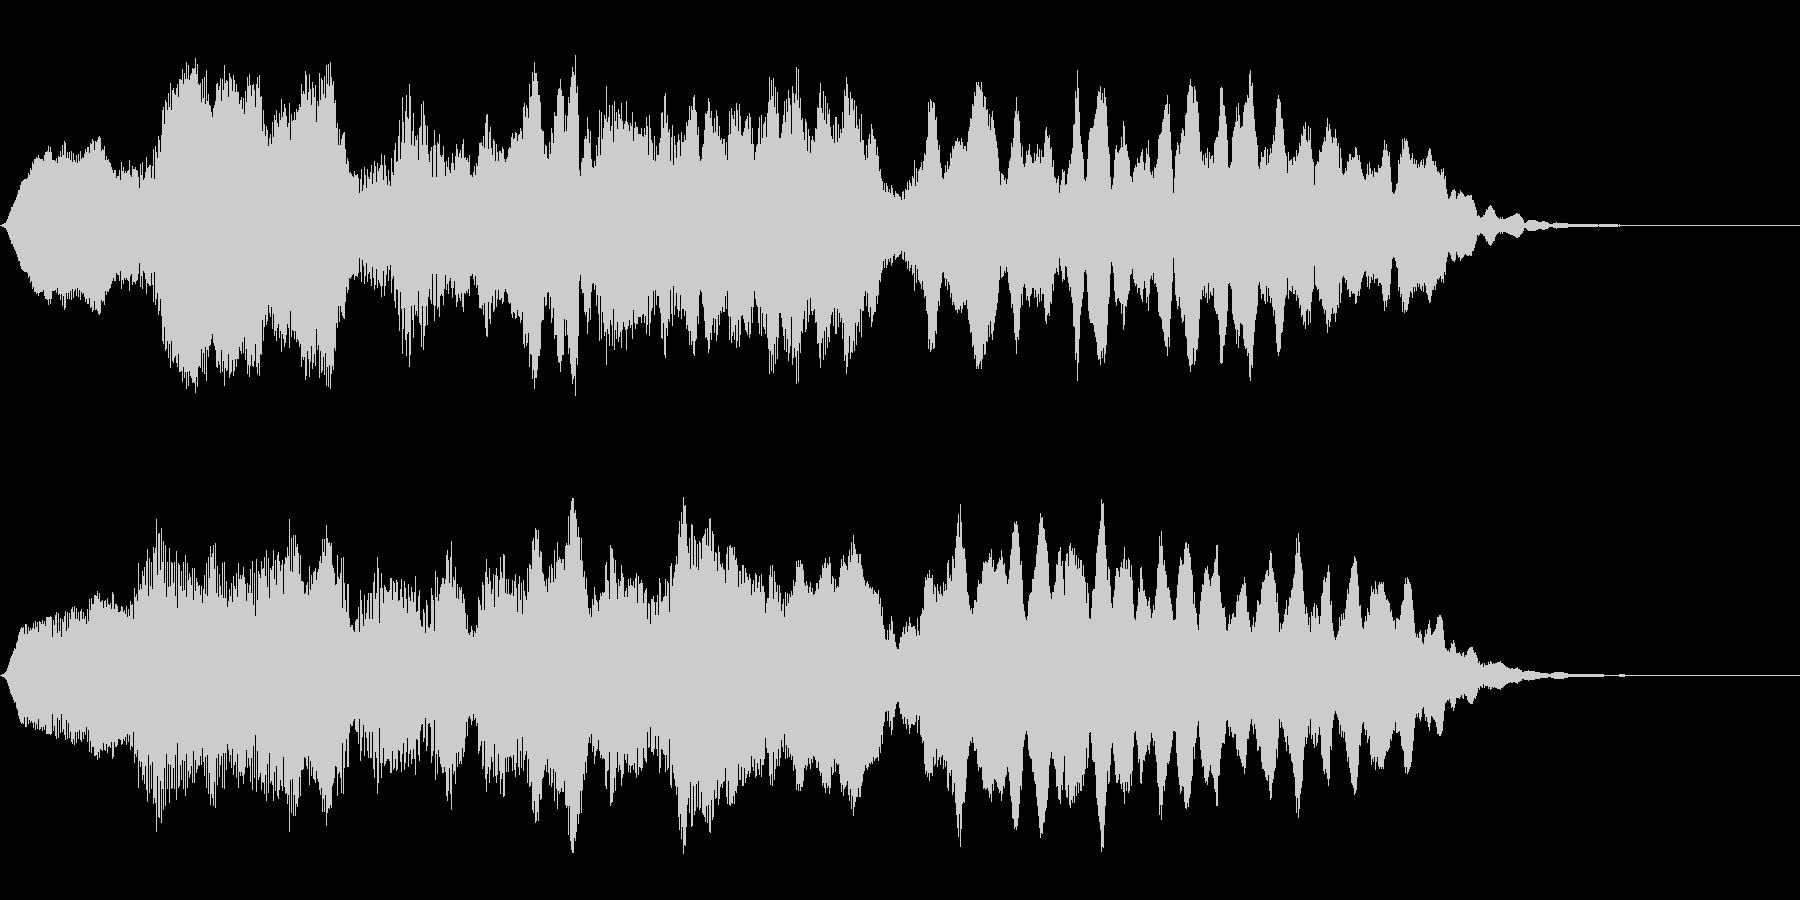 フルートの明るいジングル・場面転換4の未再生の波形